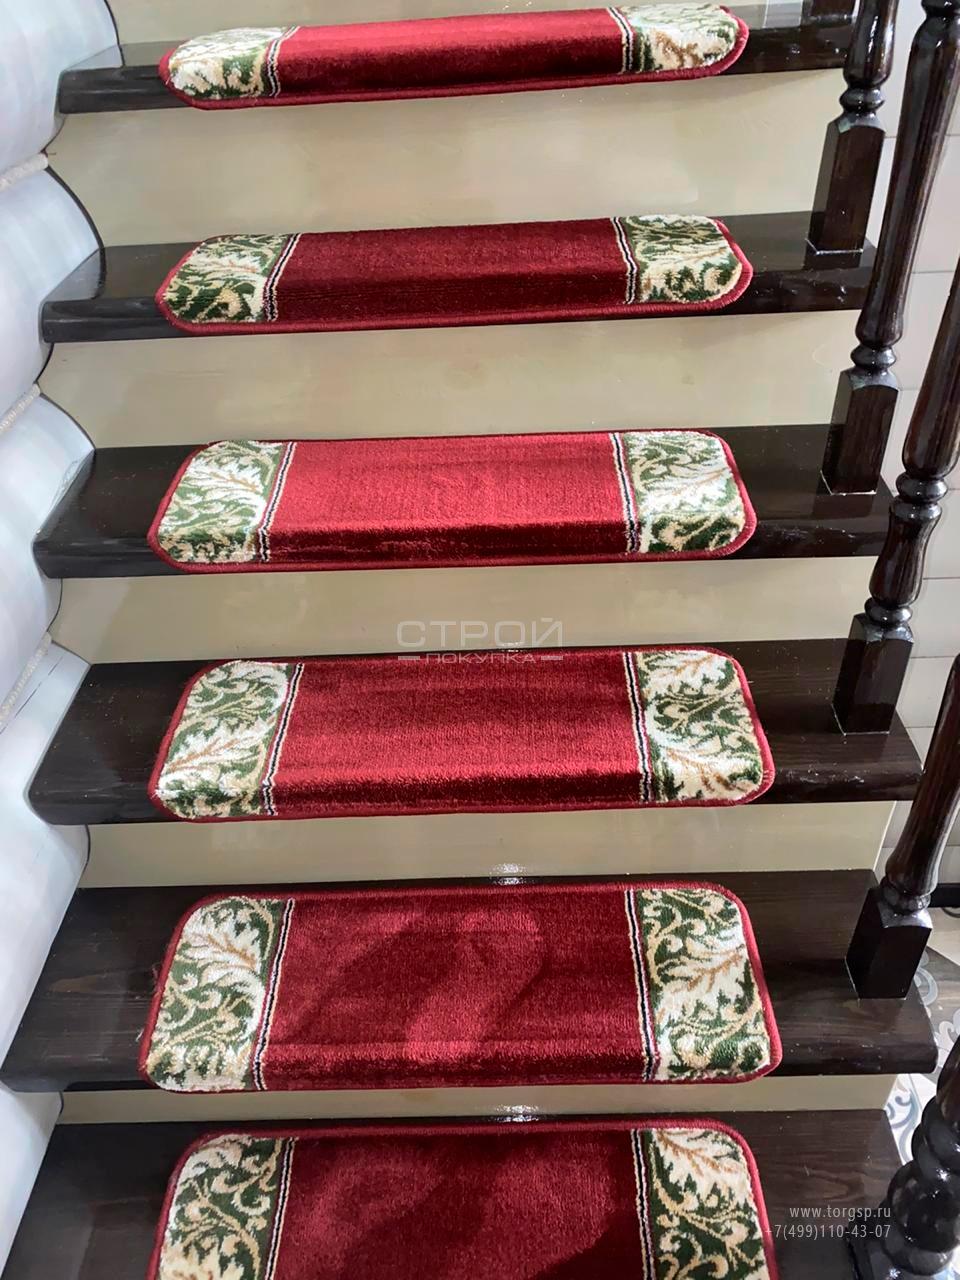 Прямоугольные коврики на ступени по заказу